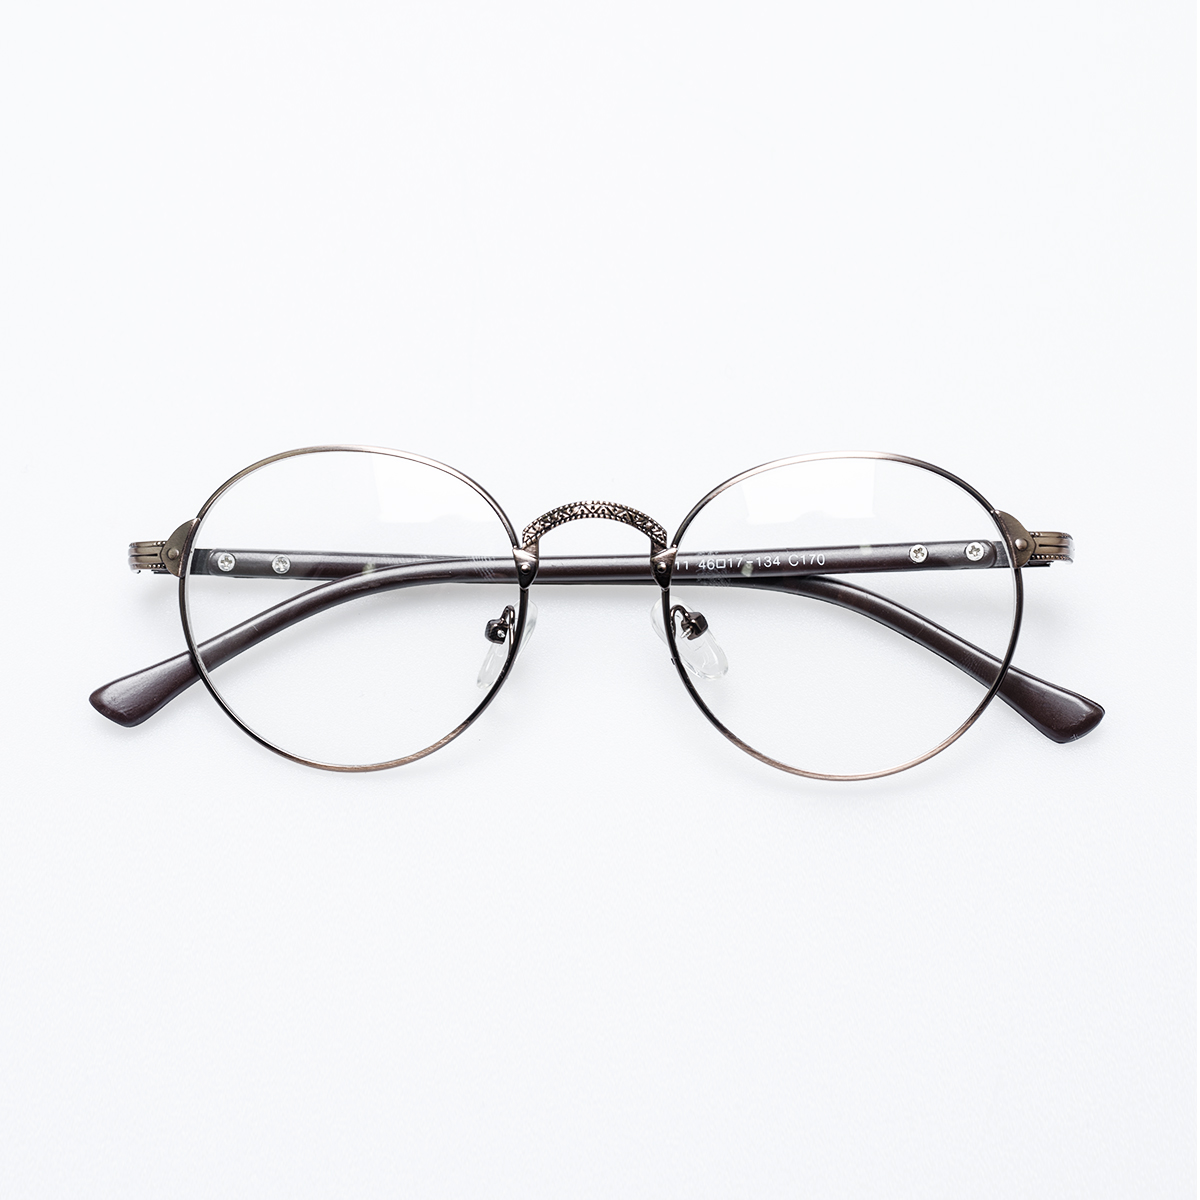 文艺范绅士日系复古雕花圆框金属装饰椭圆的眼镜框潮男女咖啡灰色